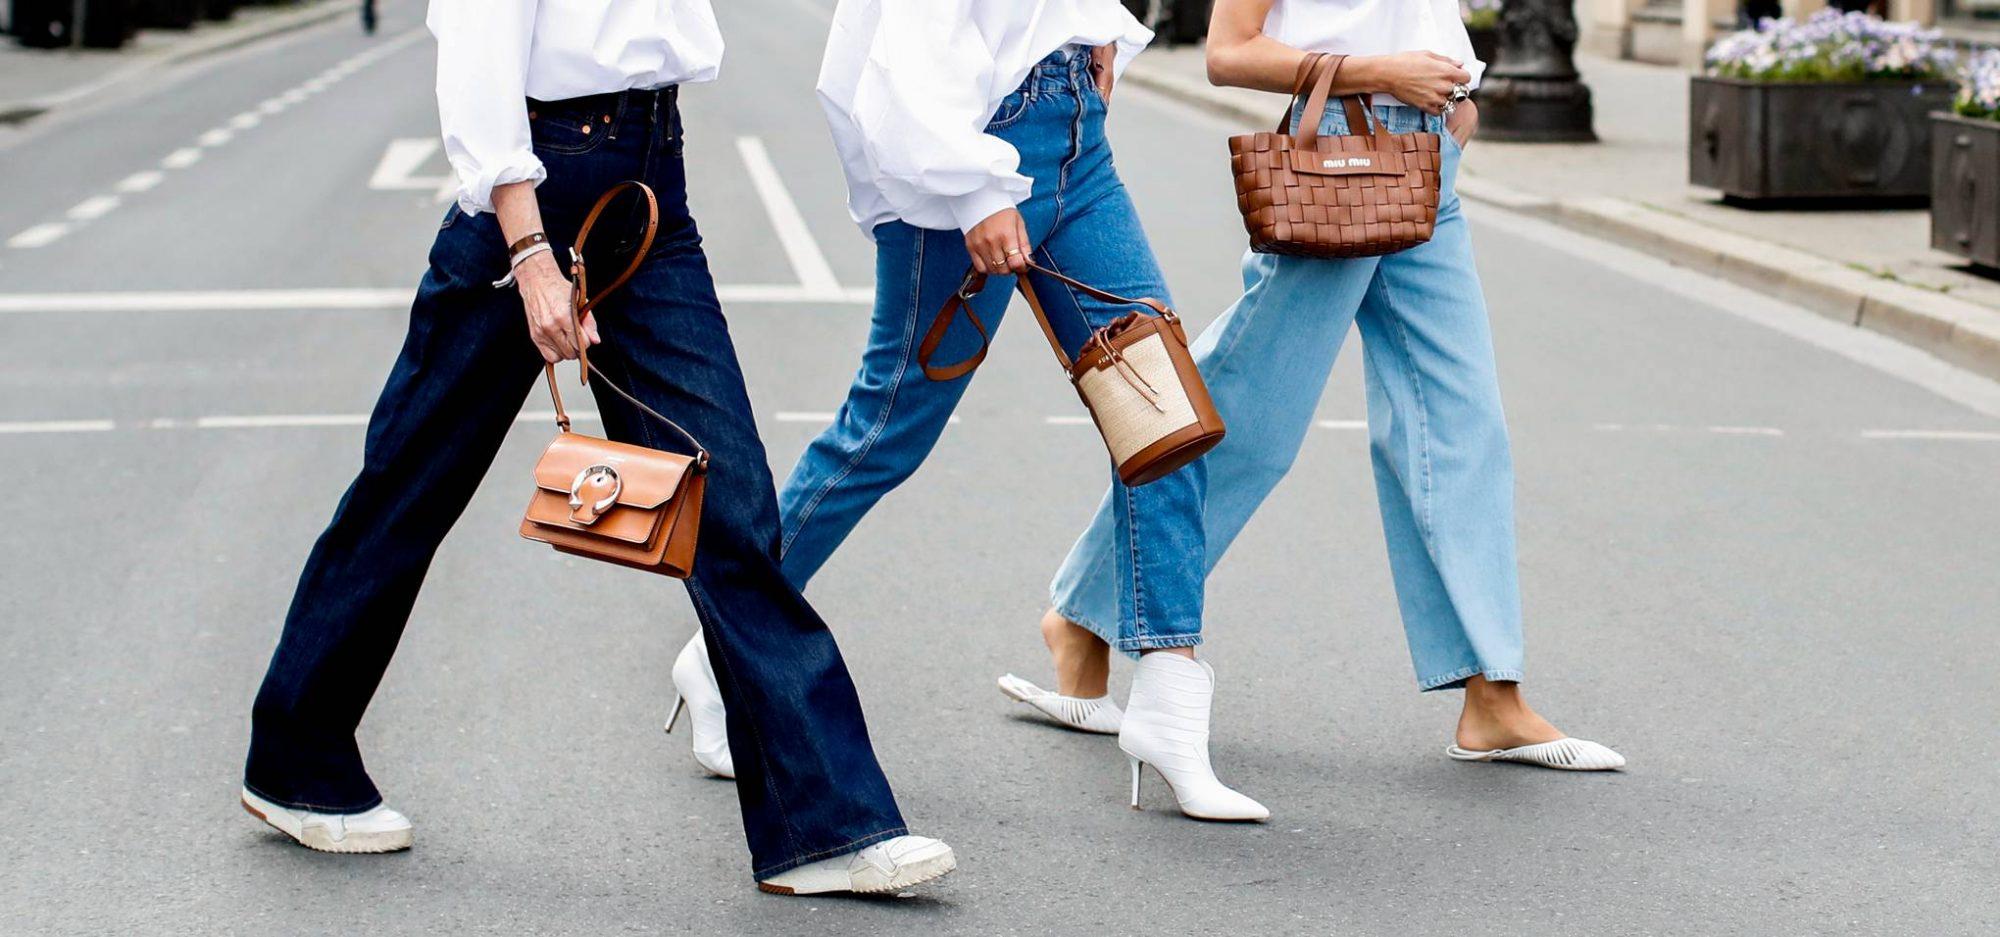 Τα mom jeans είναι μονόδρομος! 7 φανταστικά σχέδια, ένα για κάθε μέρα της εβδομάδας Τα 90s πήραν τηλέφωνο και ζητάνε επίμονα να τους δώσουμε πίσω τα denim παντελόνια τους. Εμείς όμως τα mom jeans δεν υπάρχει περίπτωση να τα αποχωριστούμε. Δεν τα δίνουμε, τέλος!